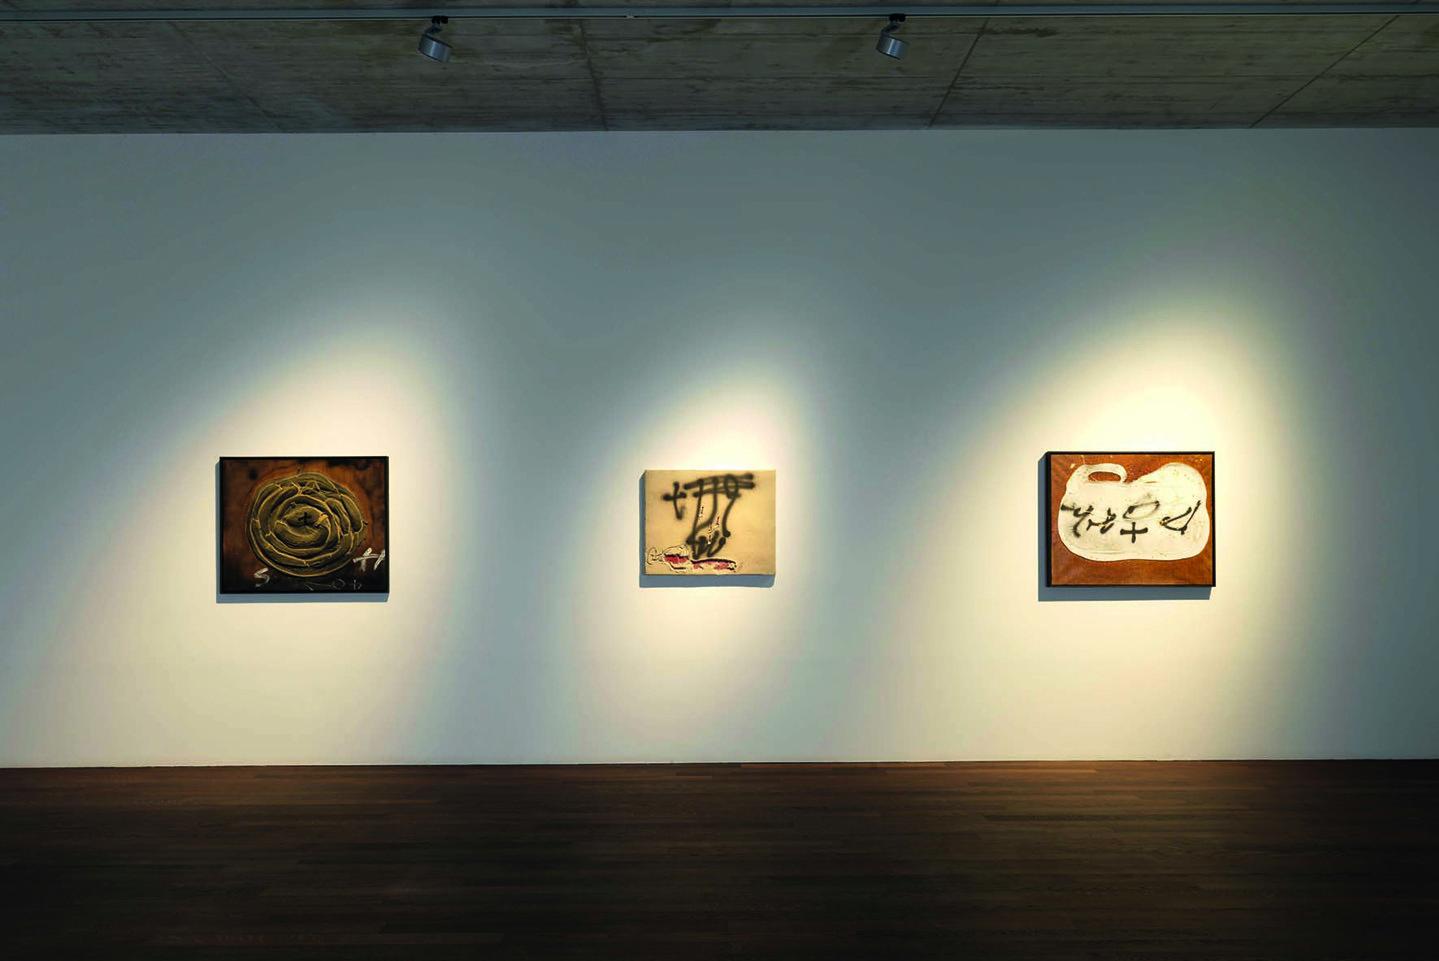 Antoni Tápies Installation View At EIGEN + ART Lab, Berlin Gallery Weekend,  2017 © Galerie Michael Haas, Berlin / Foto: Lea Gryze